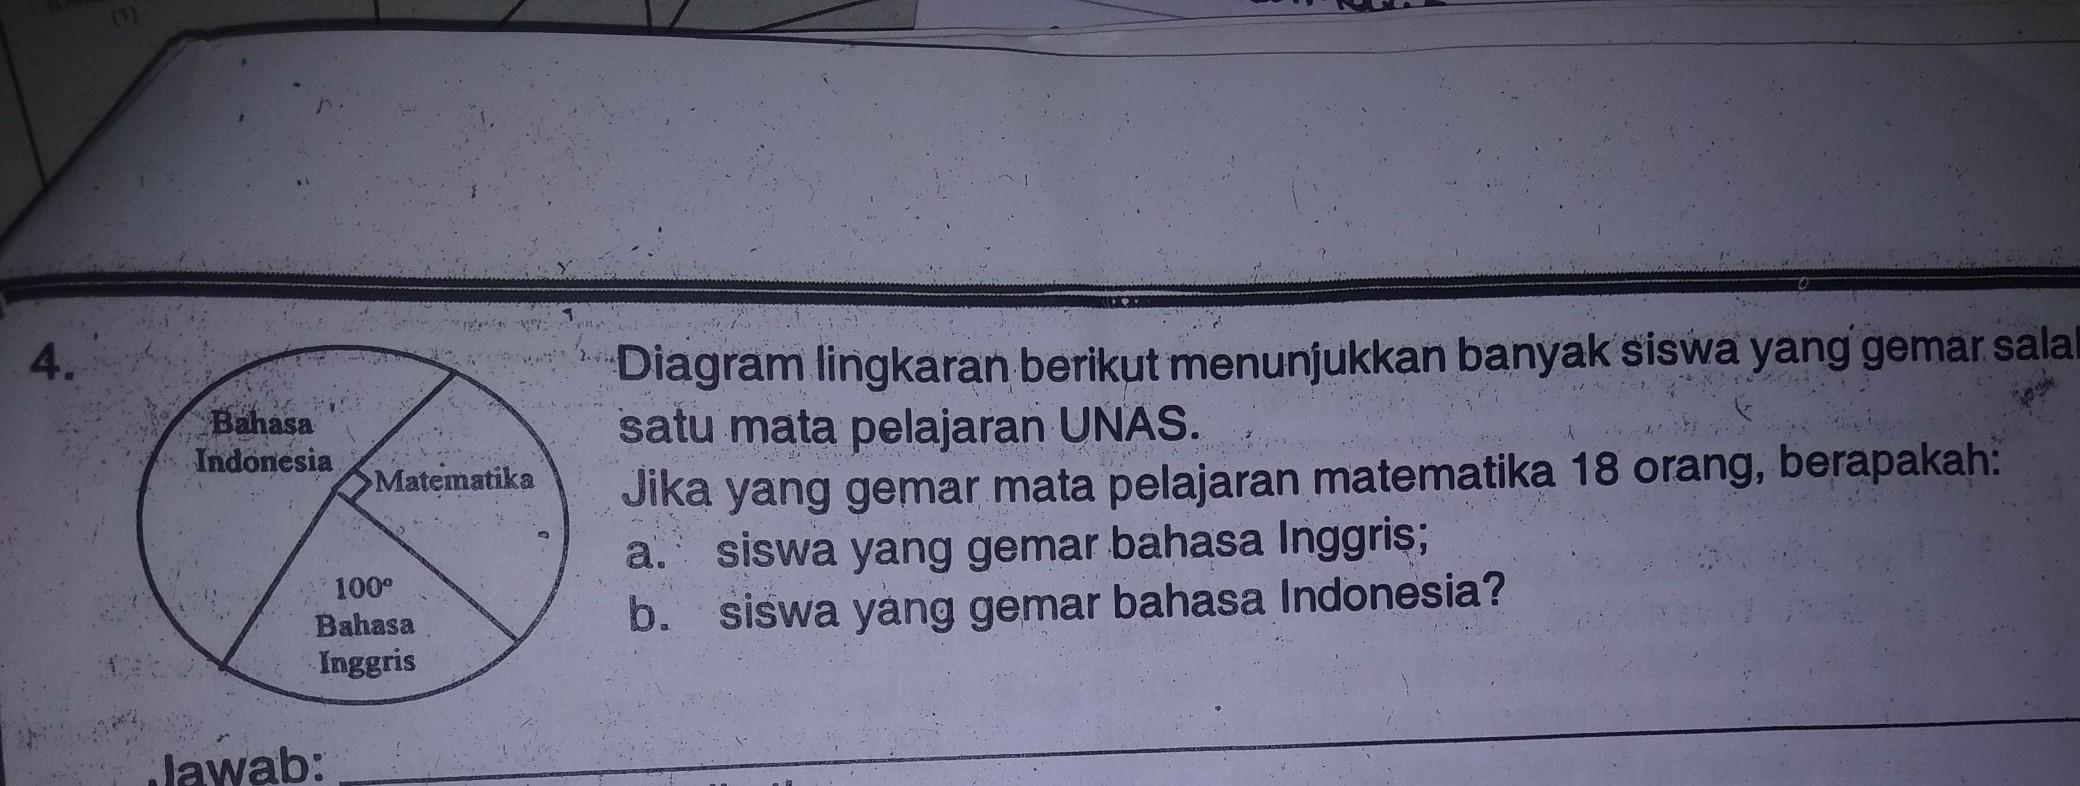 Bahasa indonesia bahasa inggris 100 matematika diagram lingkaran bahasa indonesia bahasa inggris 100 matematika diagram lingkaran berikut menunjukkan banyak siswa yg gemar salah satu mata pelajaran unas jika yg gemar ccuart Image collections